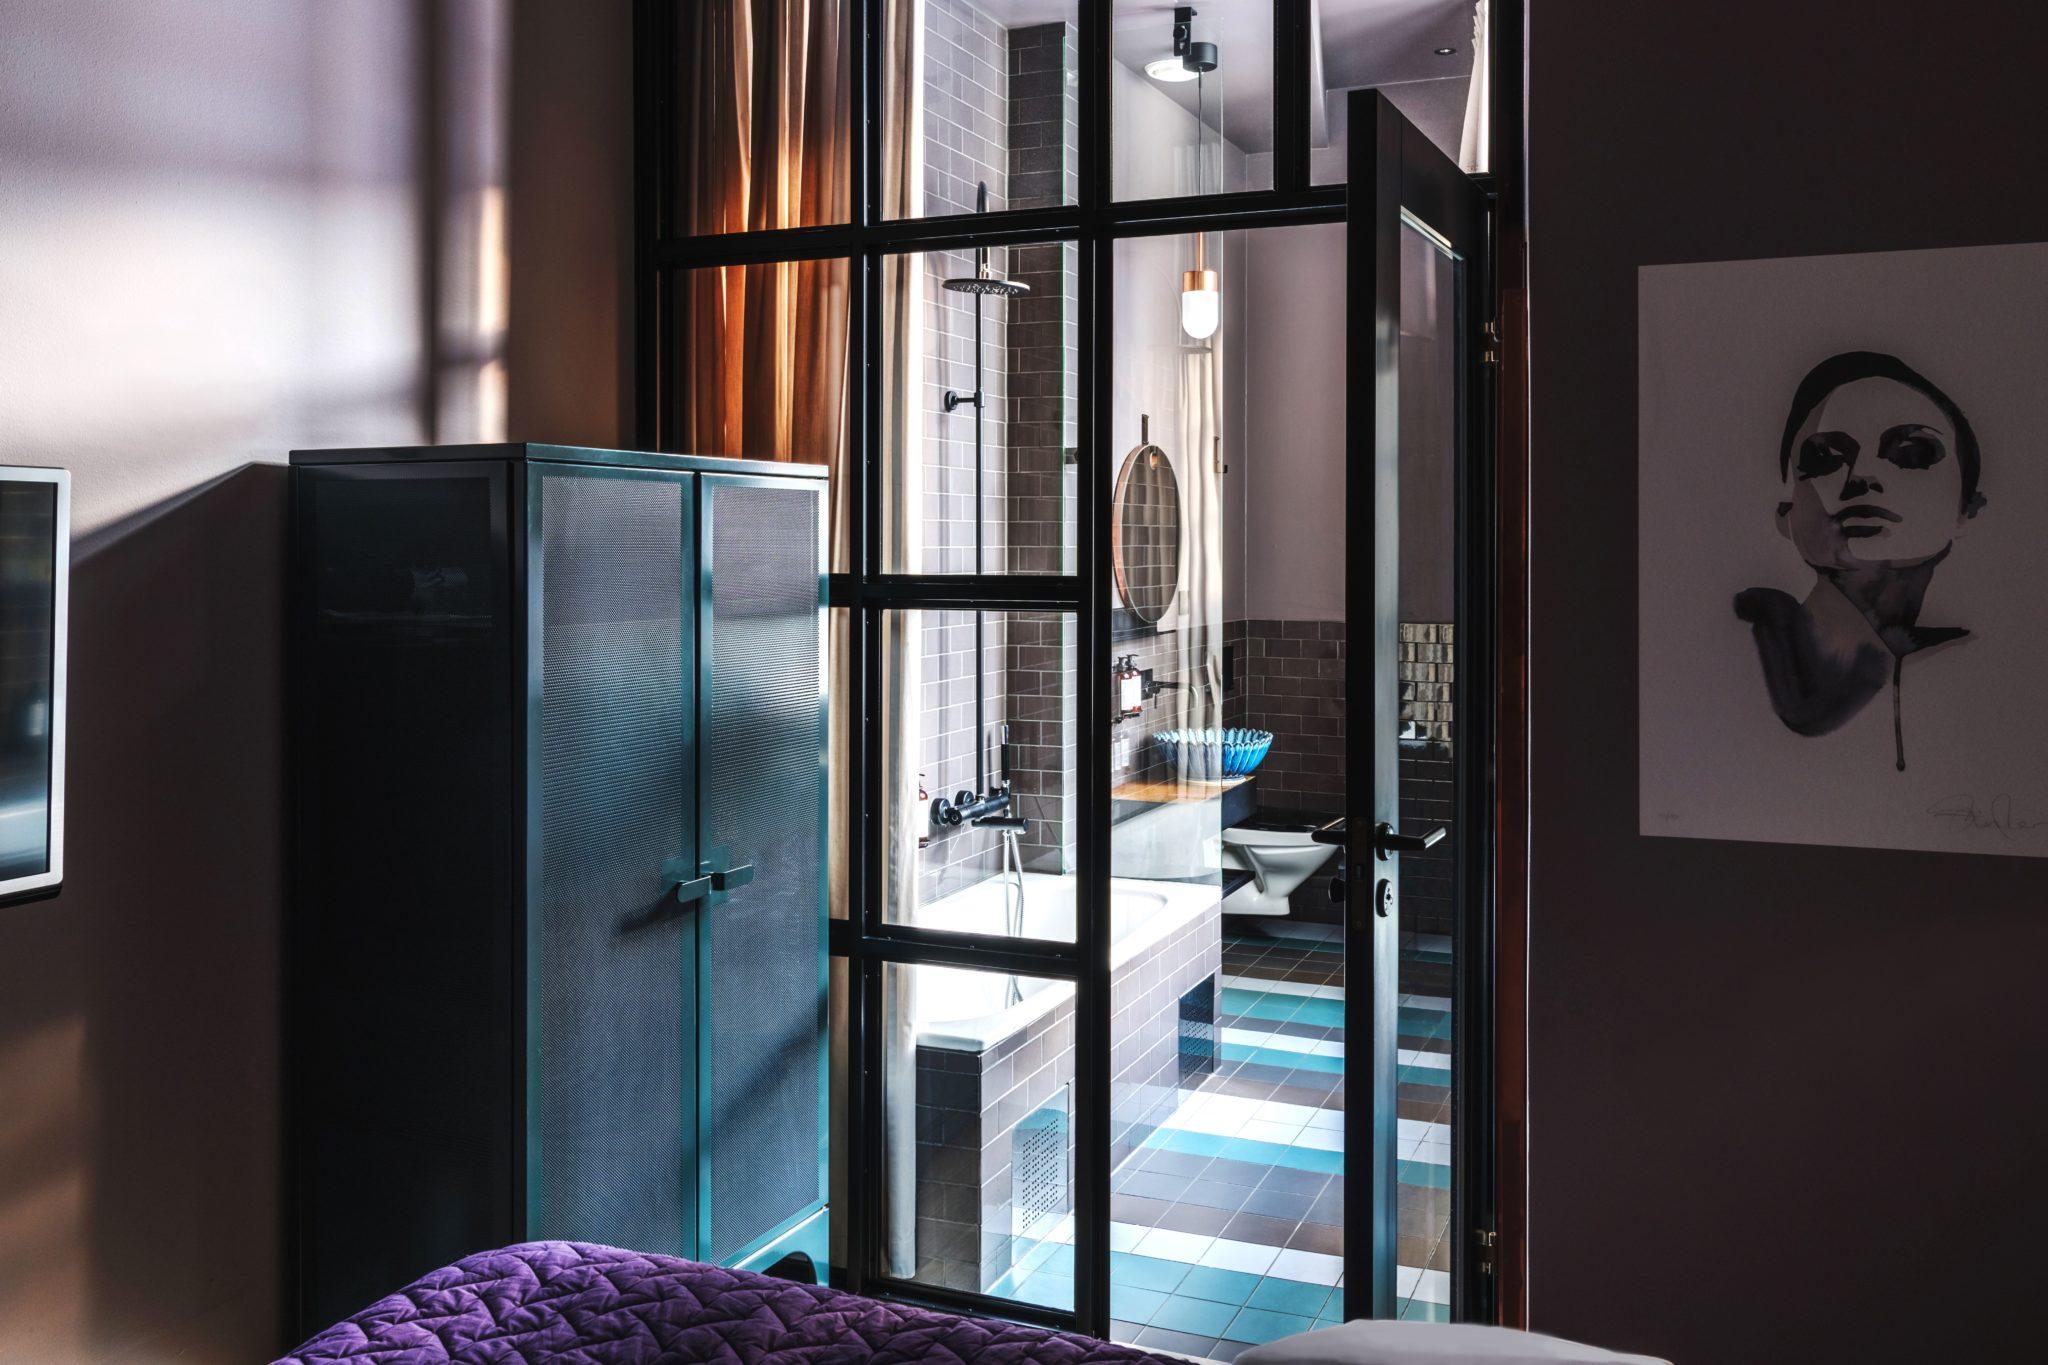 new hyatt hotel in sweden